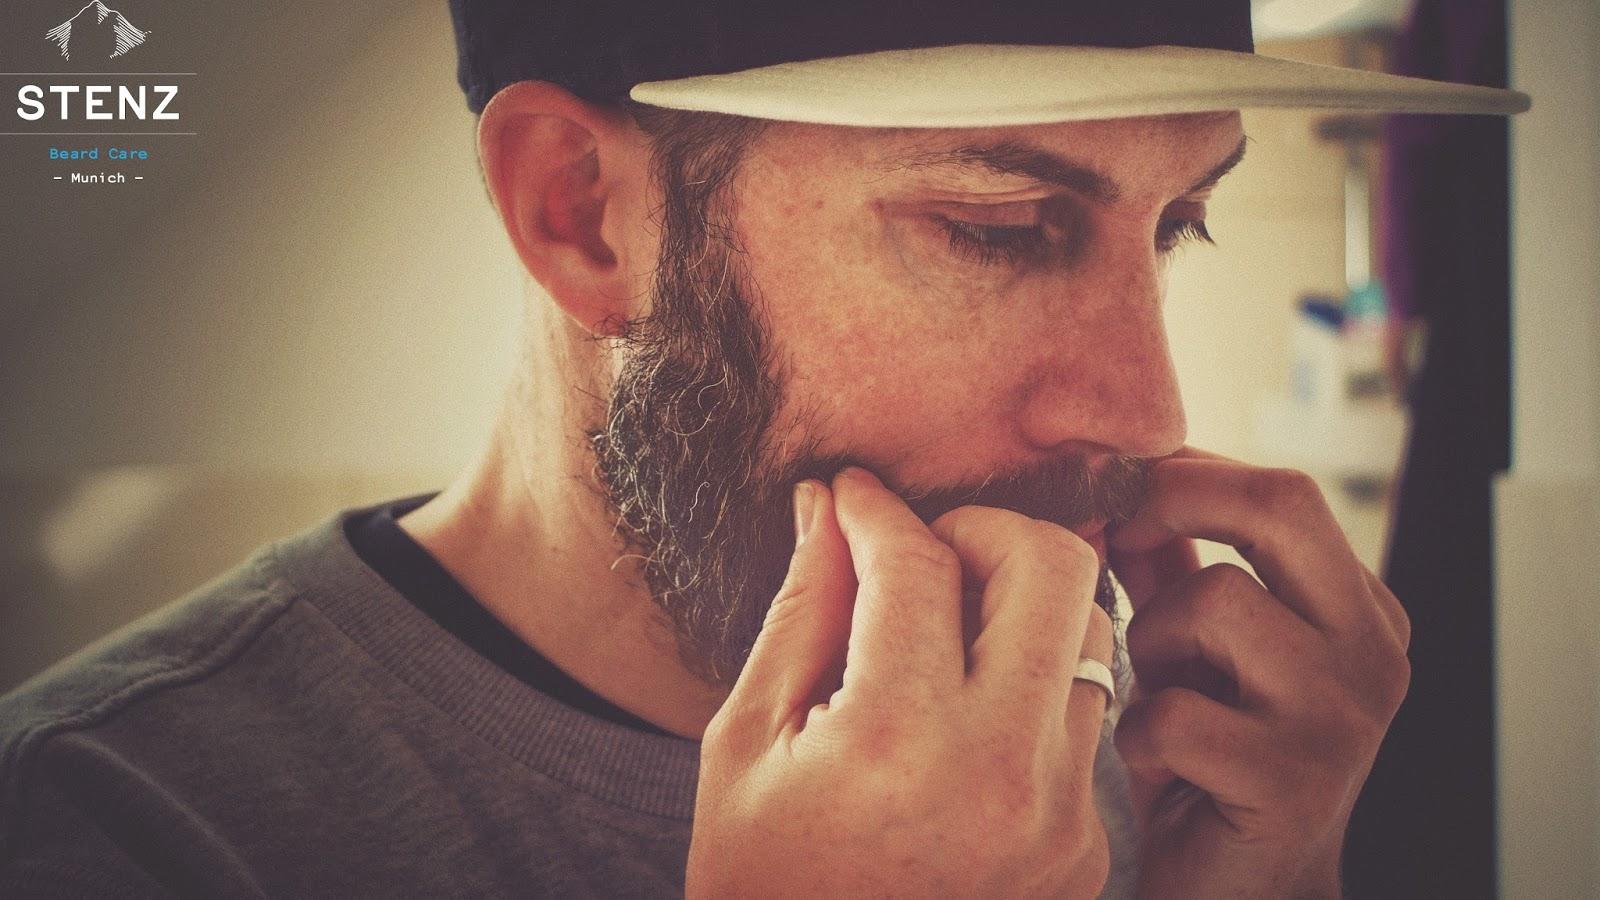 Jens Mahnke vom Atomlabor Blog benutzt STENZ Beard Care aus München